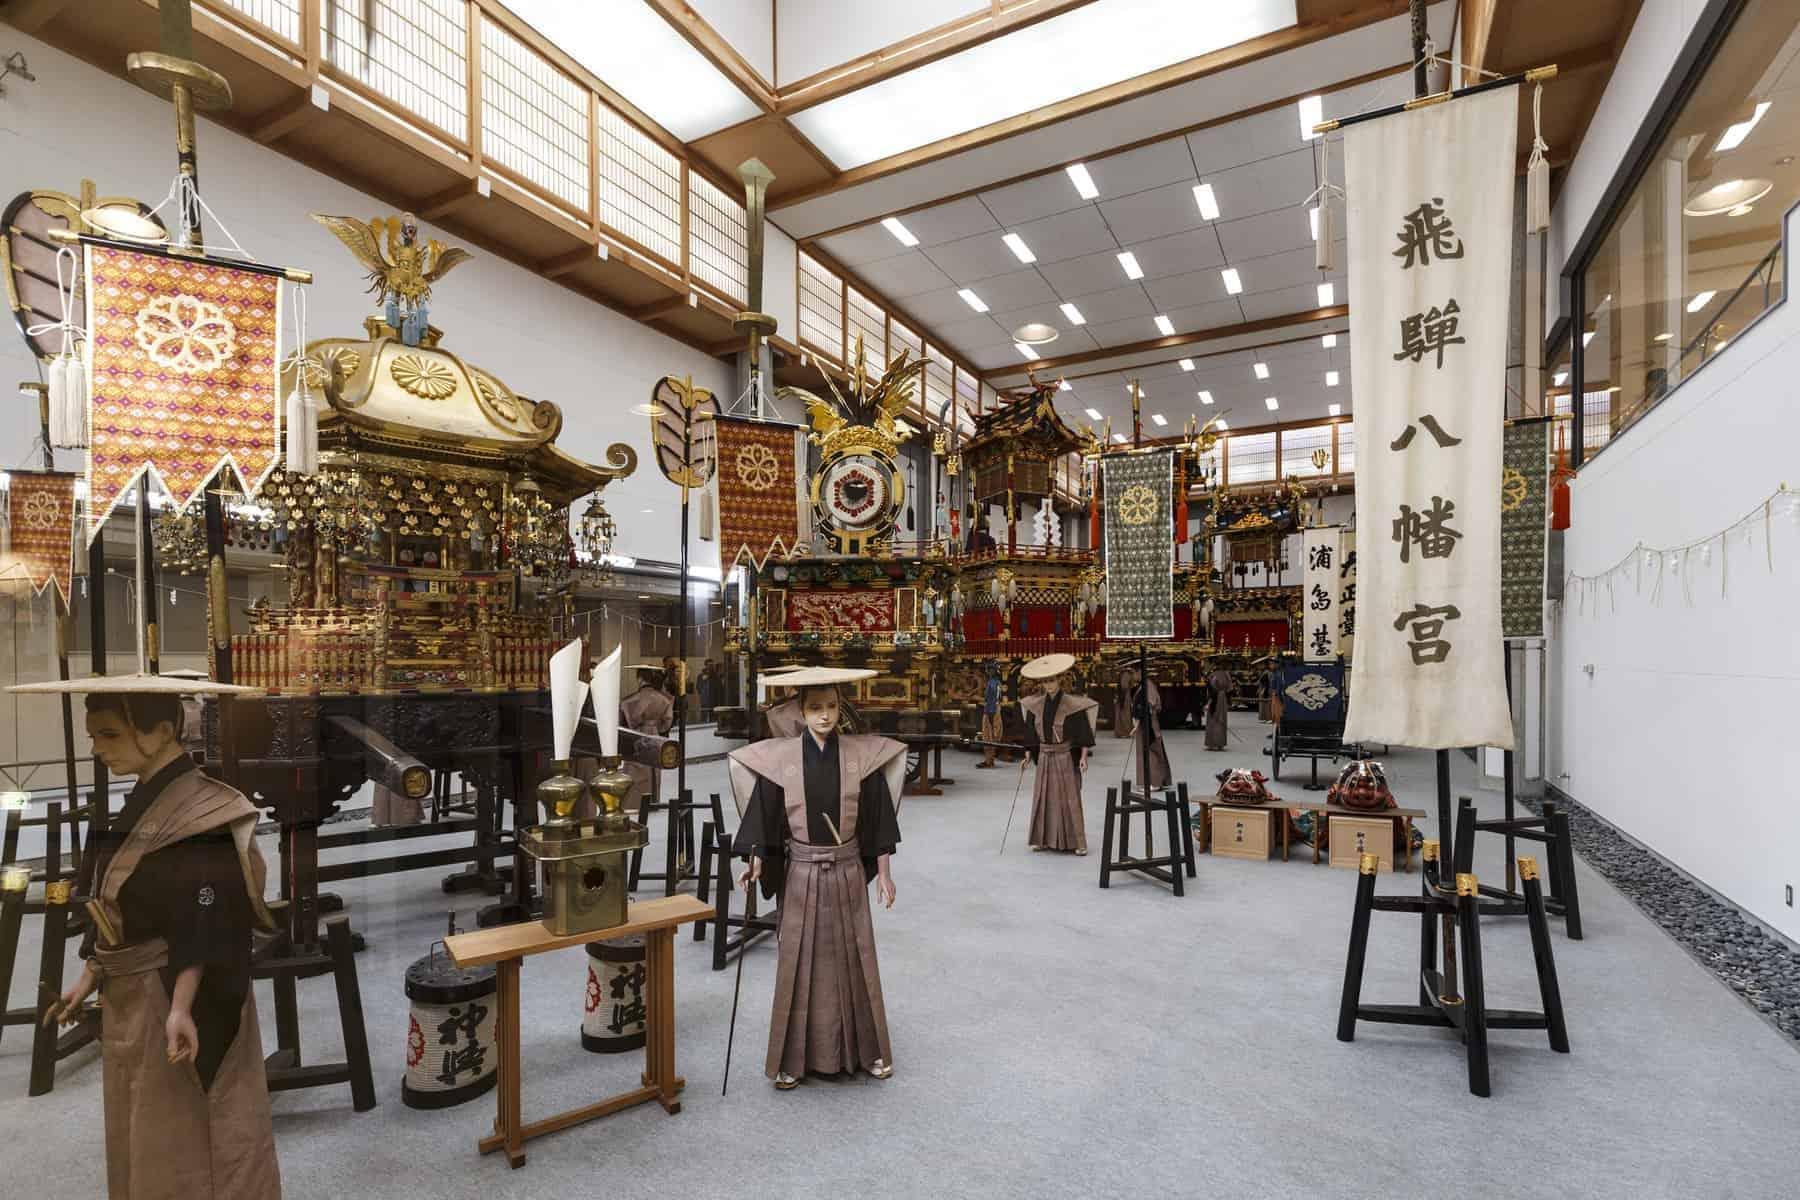 Takayama Matsuri Yatai Kaikan, en udstilling ved siden af Sakurayama Hachiman Shrine. Rejser til Japan